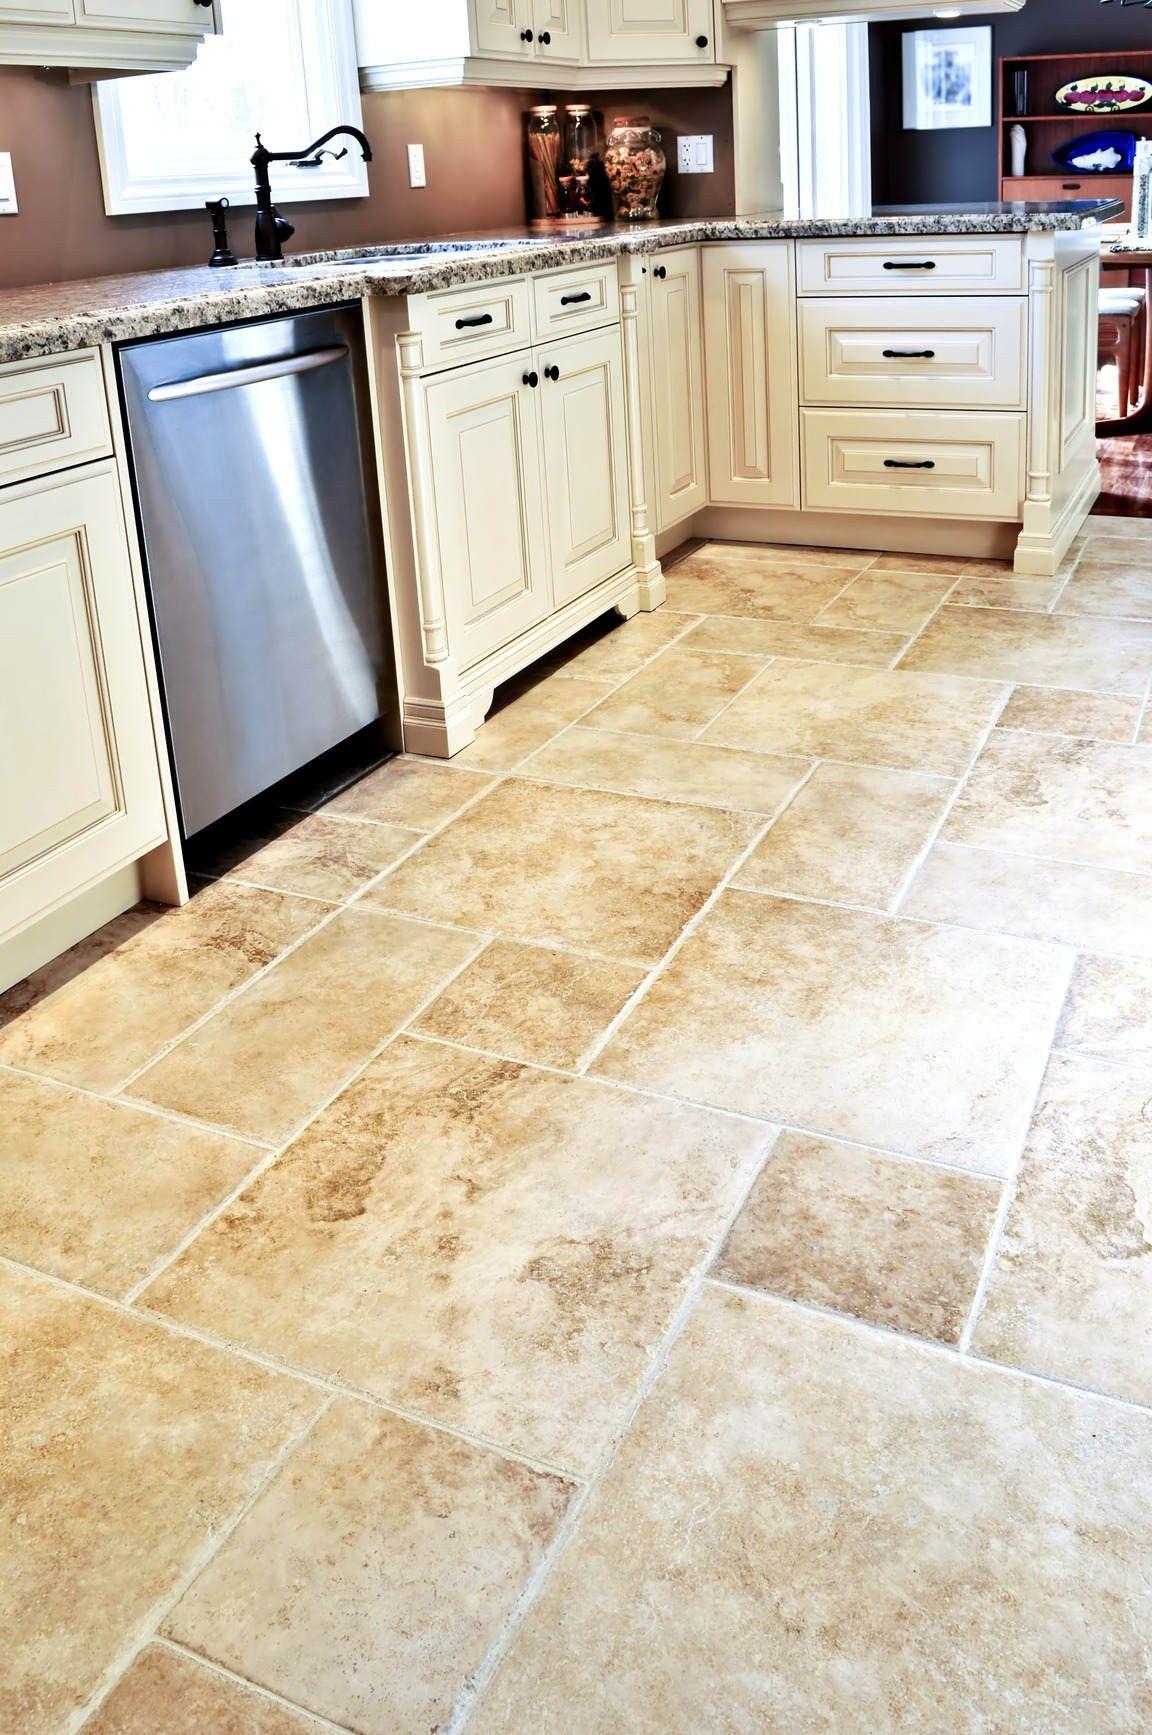 Zip Releases Datacouch Net Ceramic Tile Floor Kitchen Kitchen Flooring Options Best Flooring For Kitchen